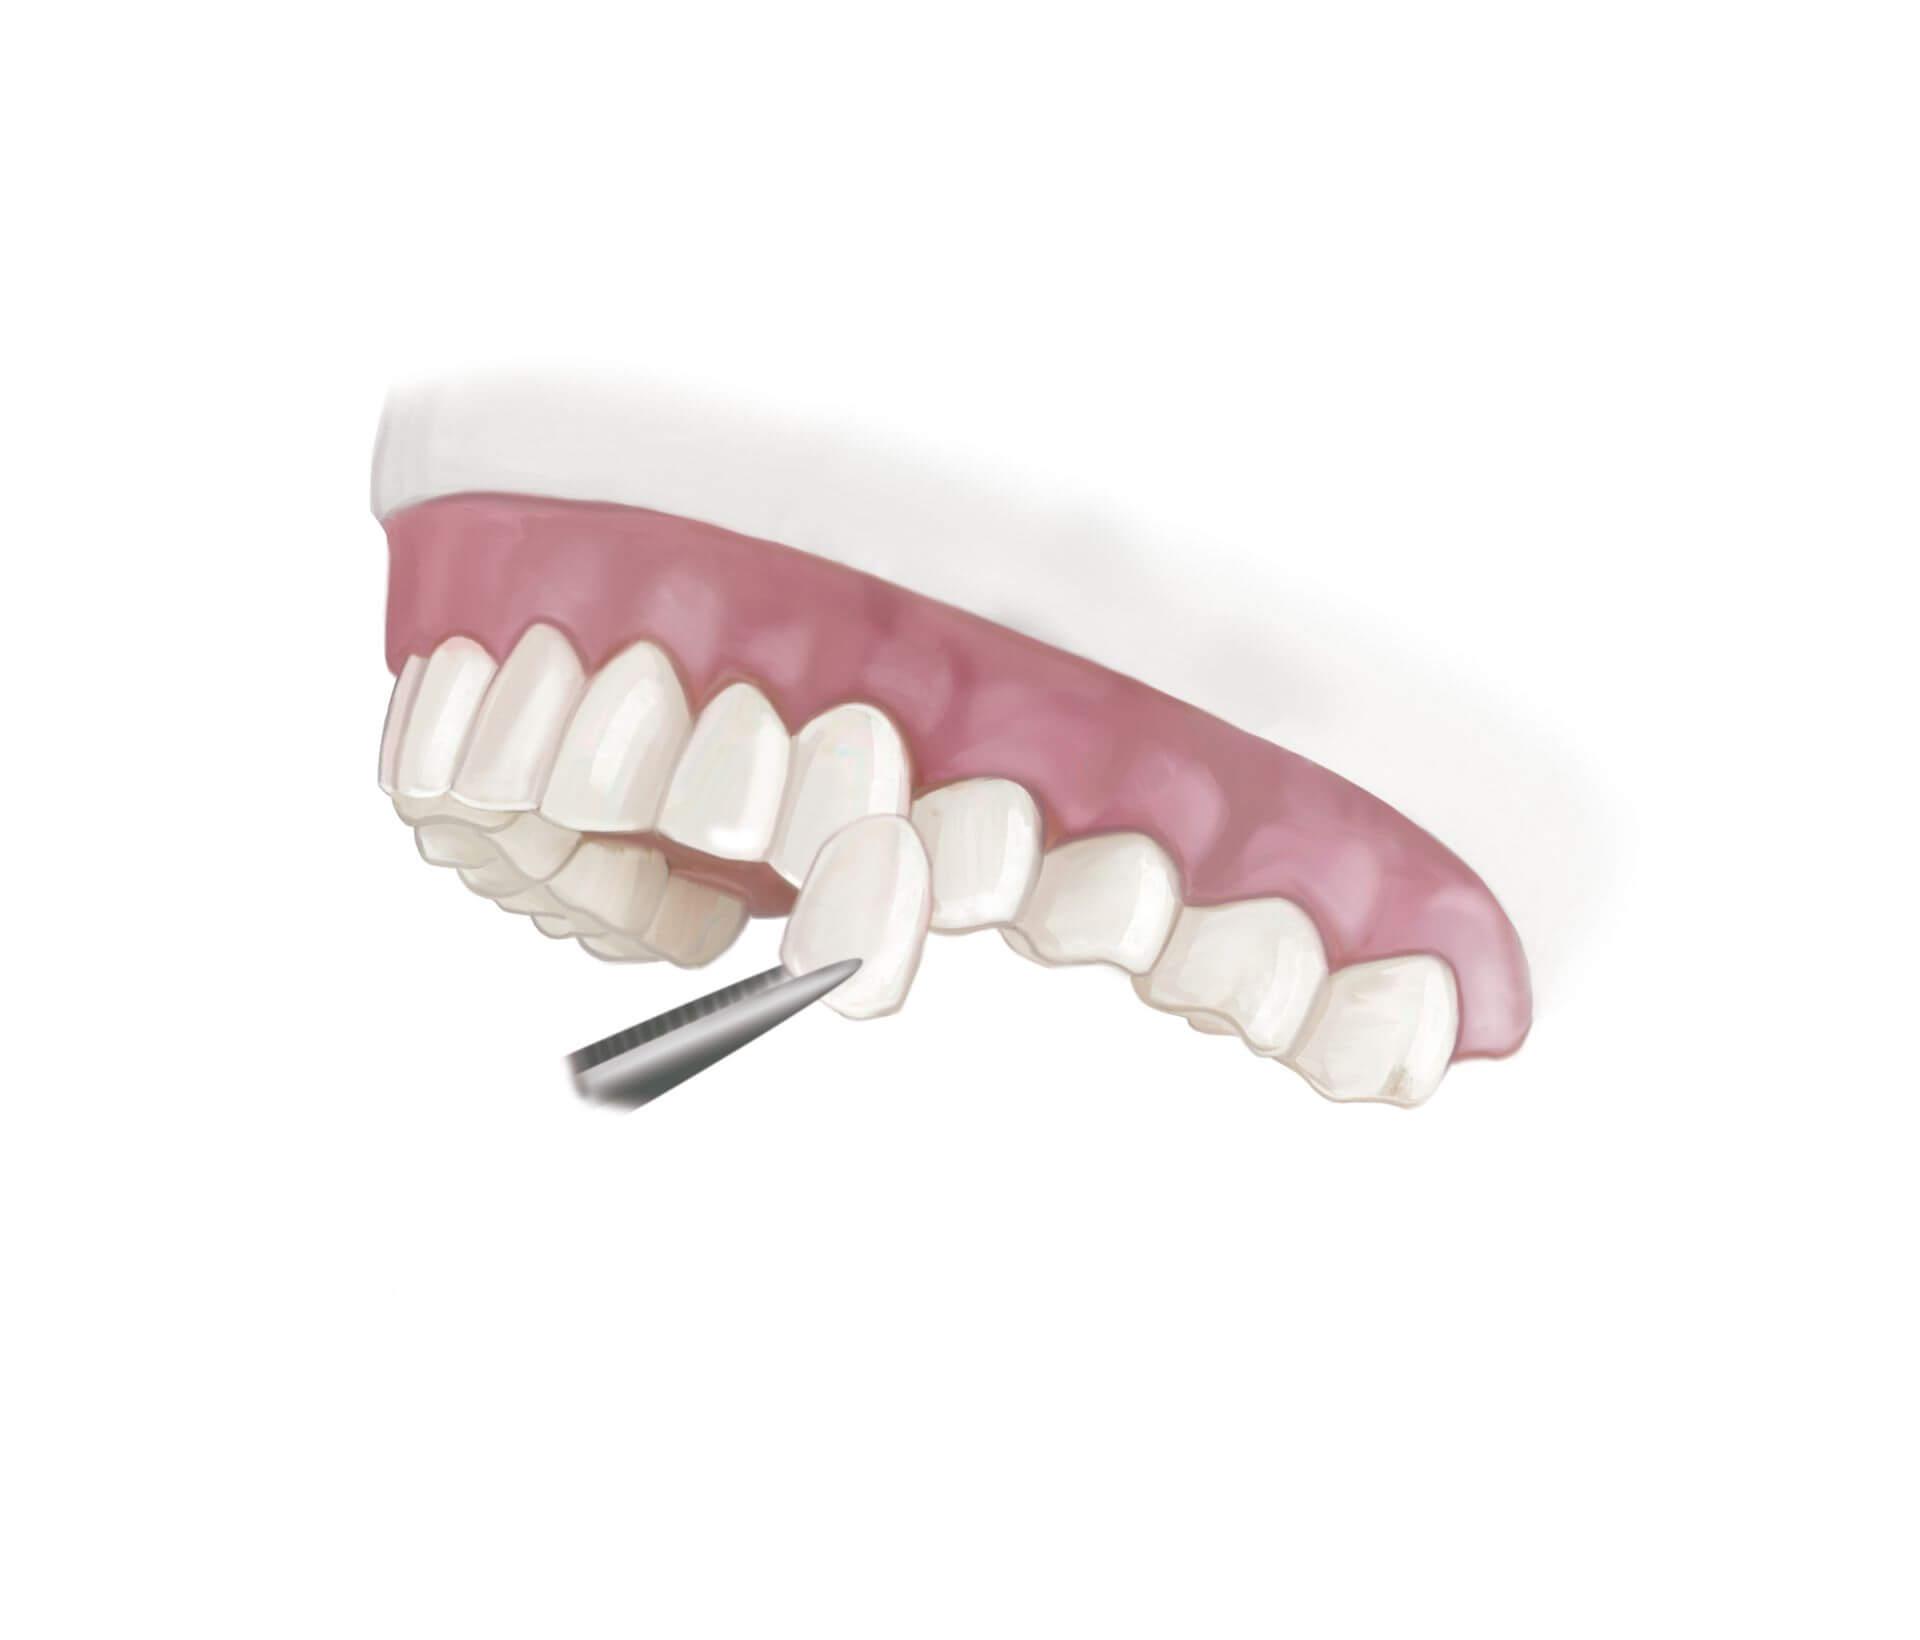 Faccette dentali in porcellana la manutenzione